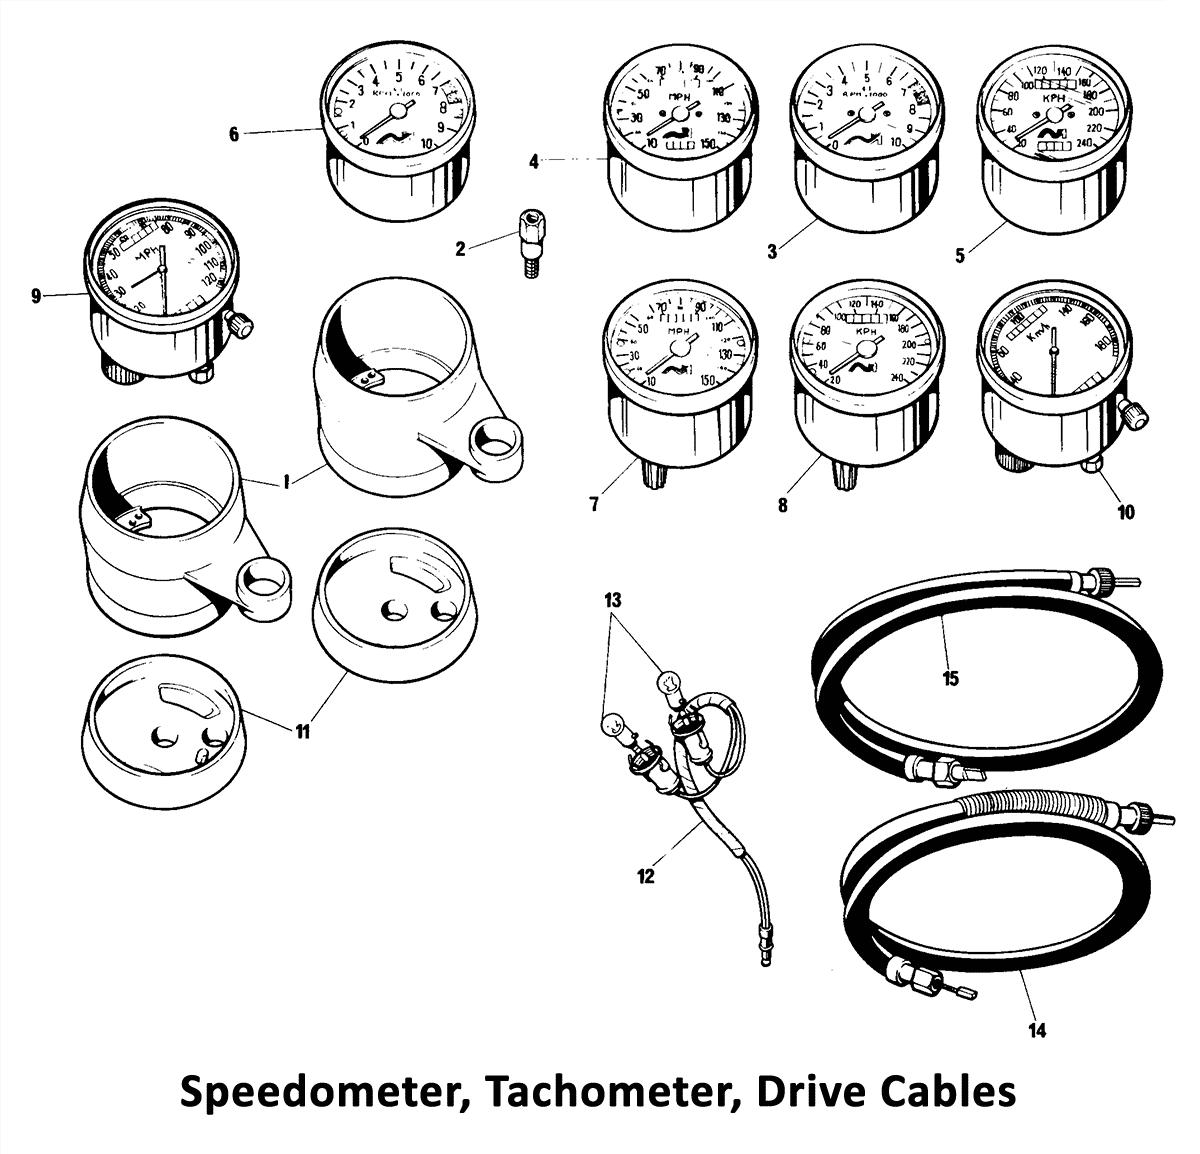 1975 Norton Commando 850 Mk3 Speedometer, Tachometer, Drive Cables